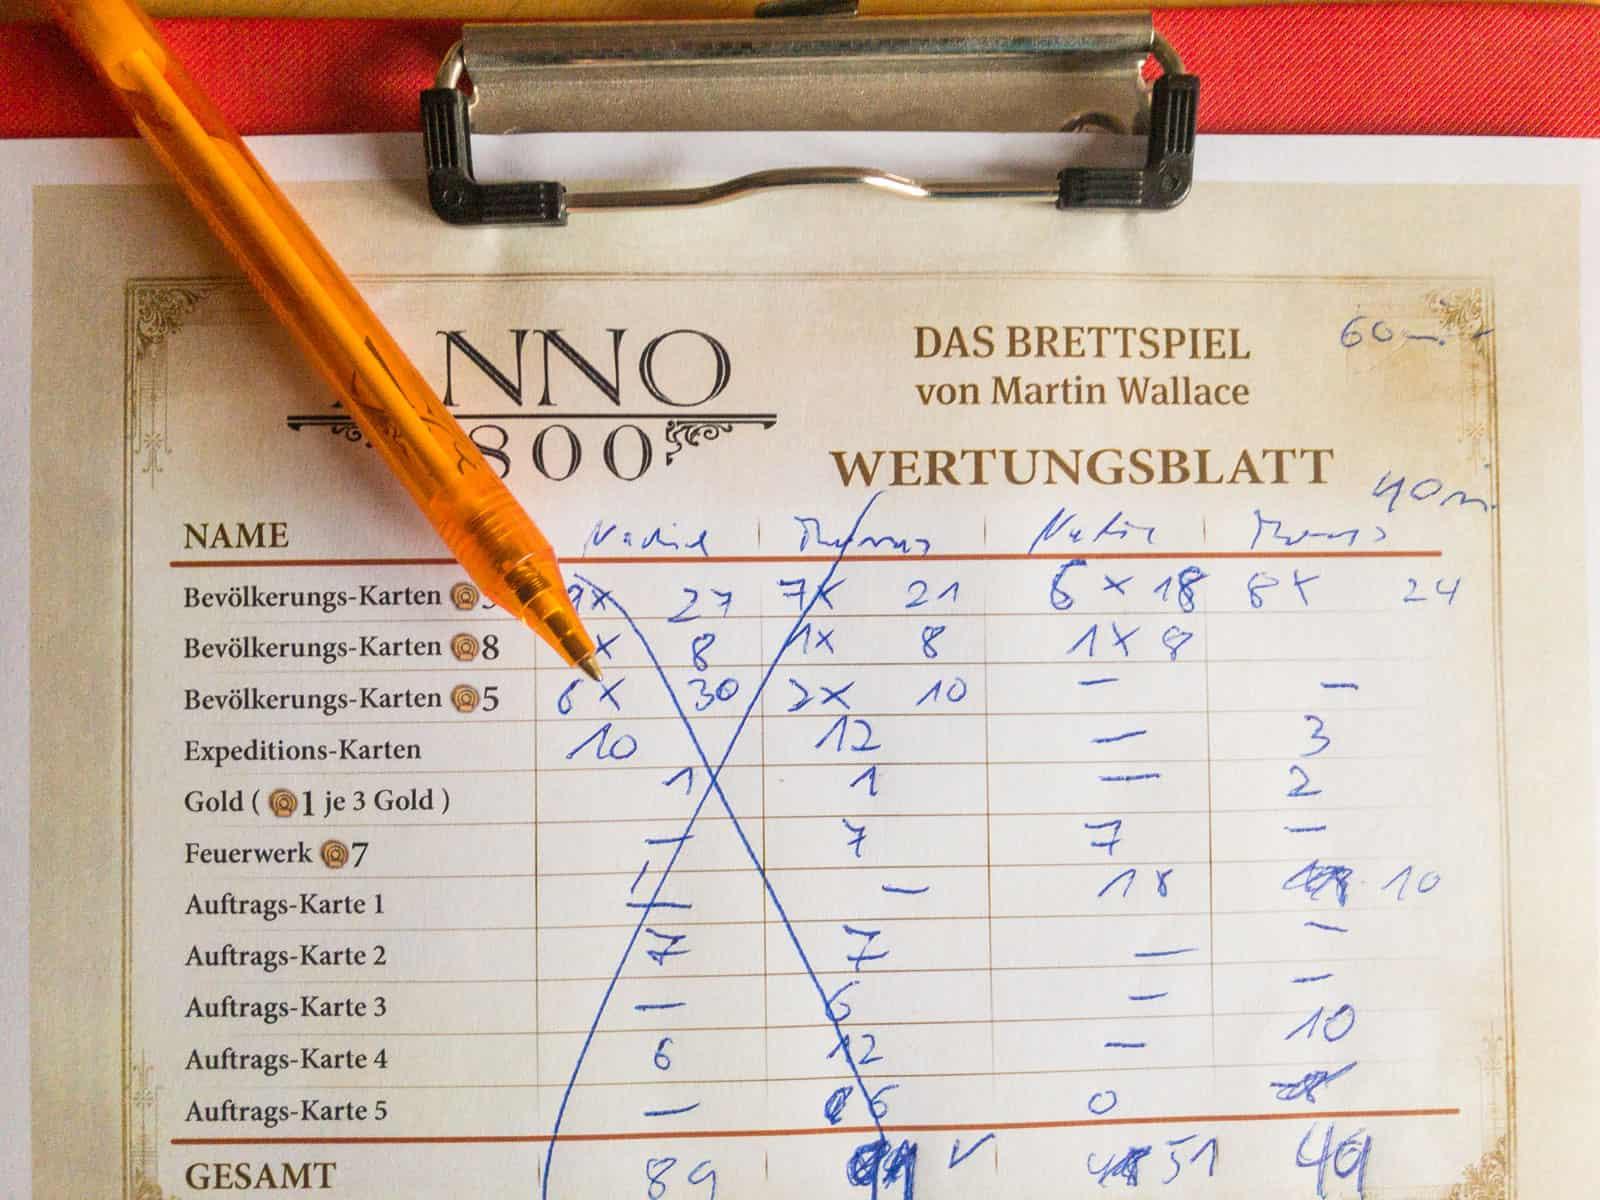 Anno 1800 Wertungsblatt (nicht im Spiel enthalten)